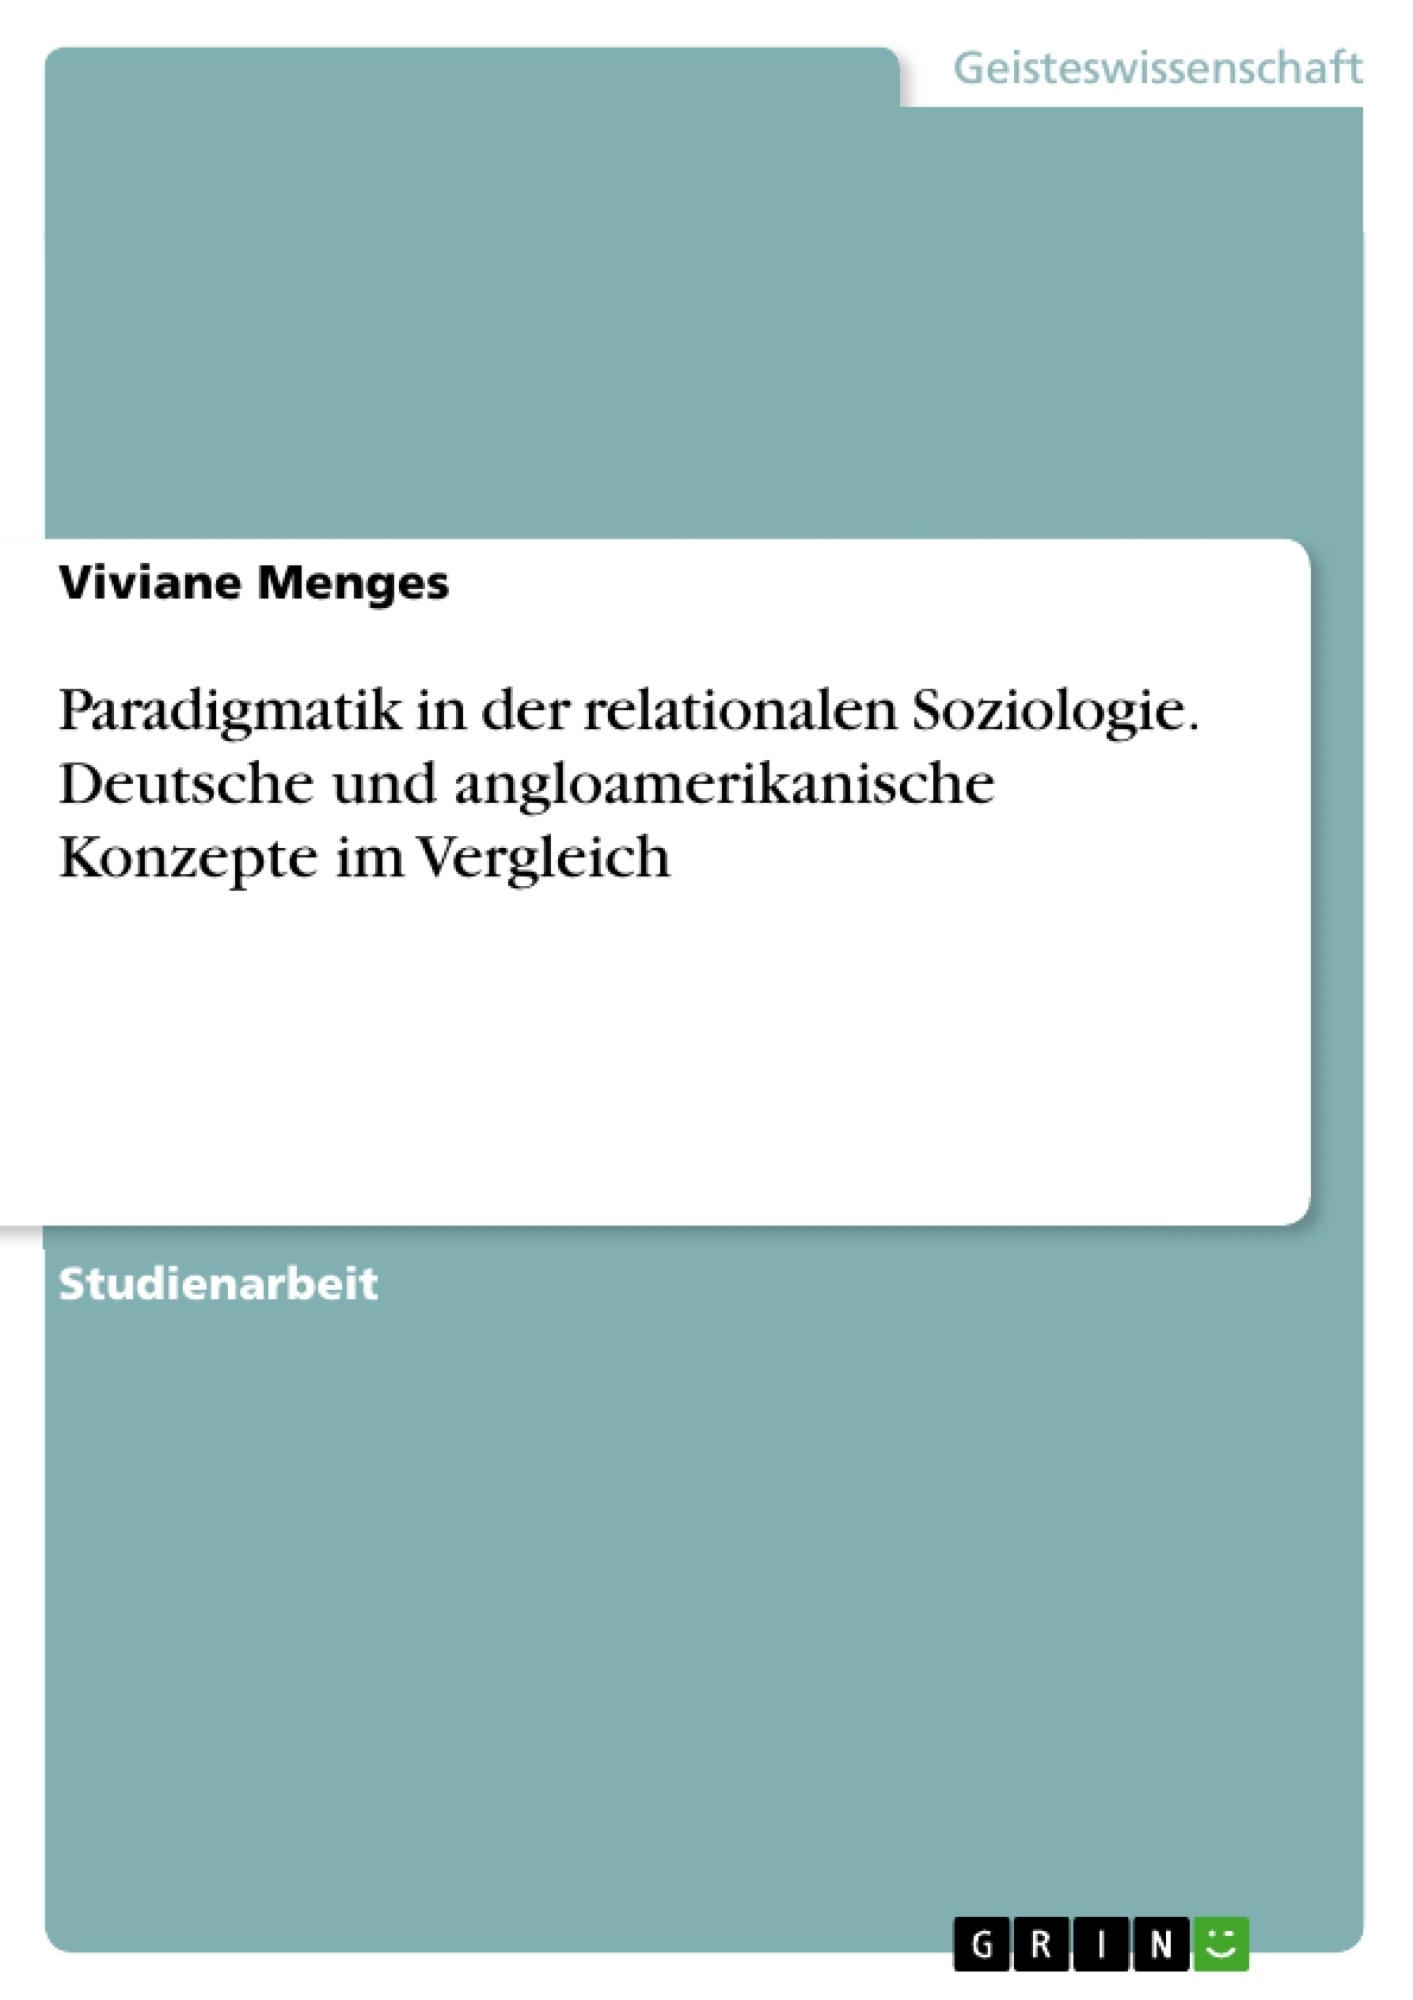 Titel: Paradigmatik in der relationalen Soziologie. Deutsche und angloamerikanische Konzepte im Vergleich